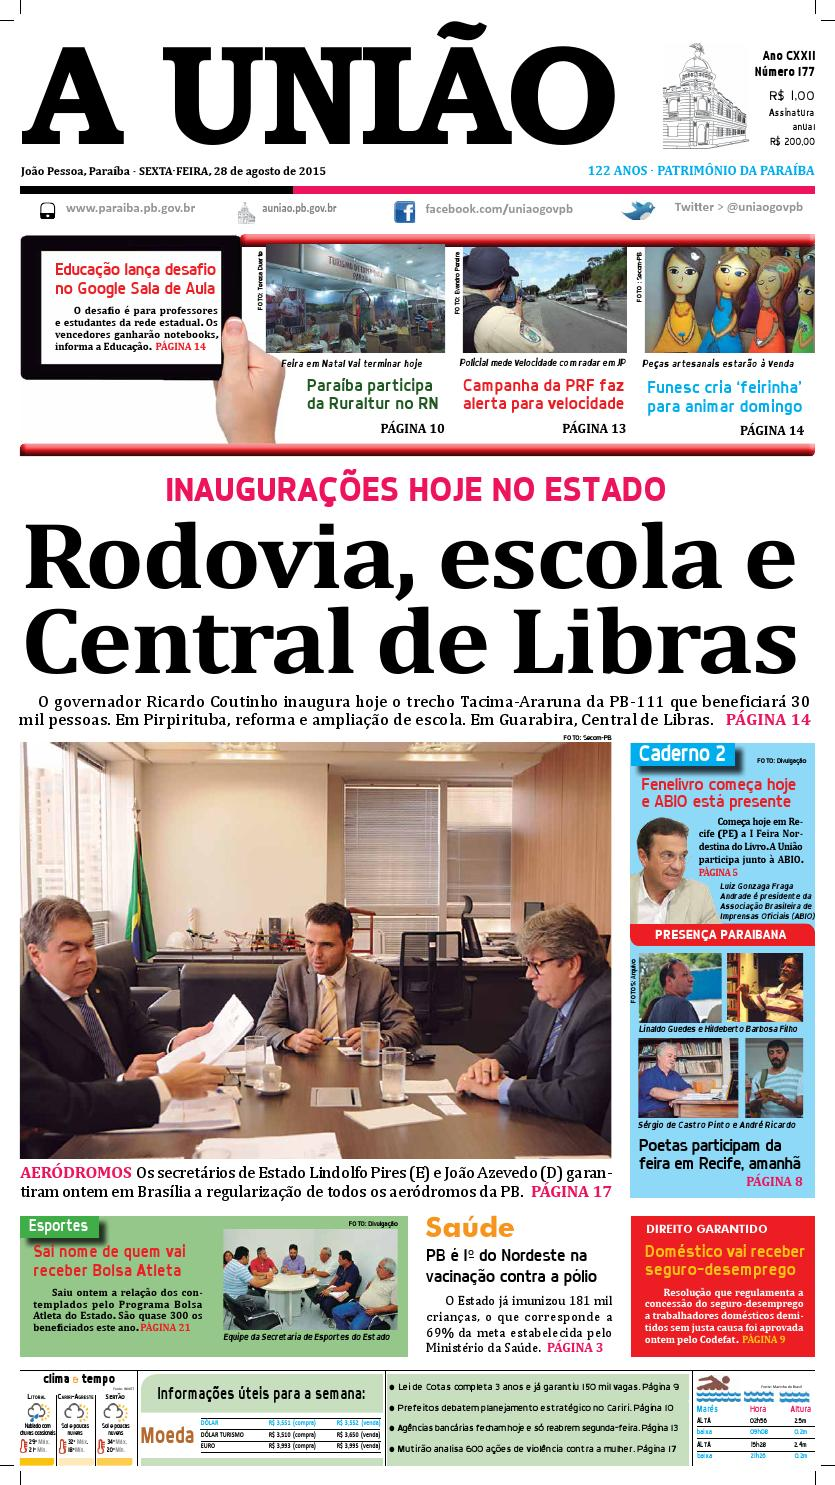 775c605f18 Jornal A União - 28 08 2015 by Jornal A União - issuu